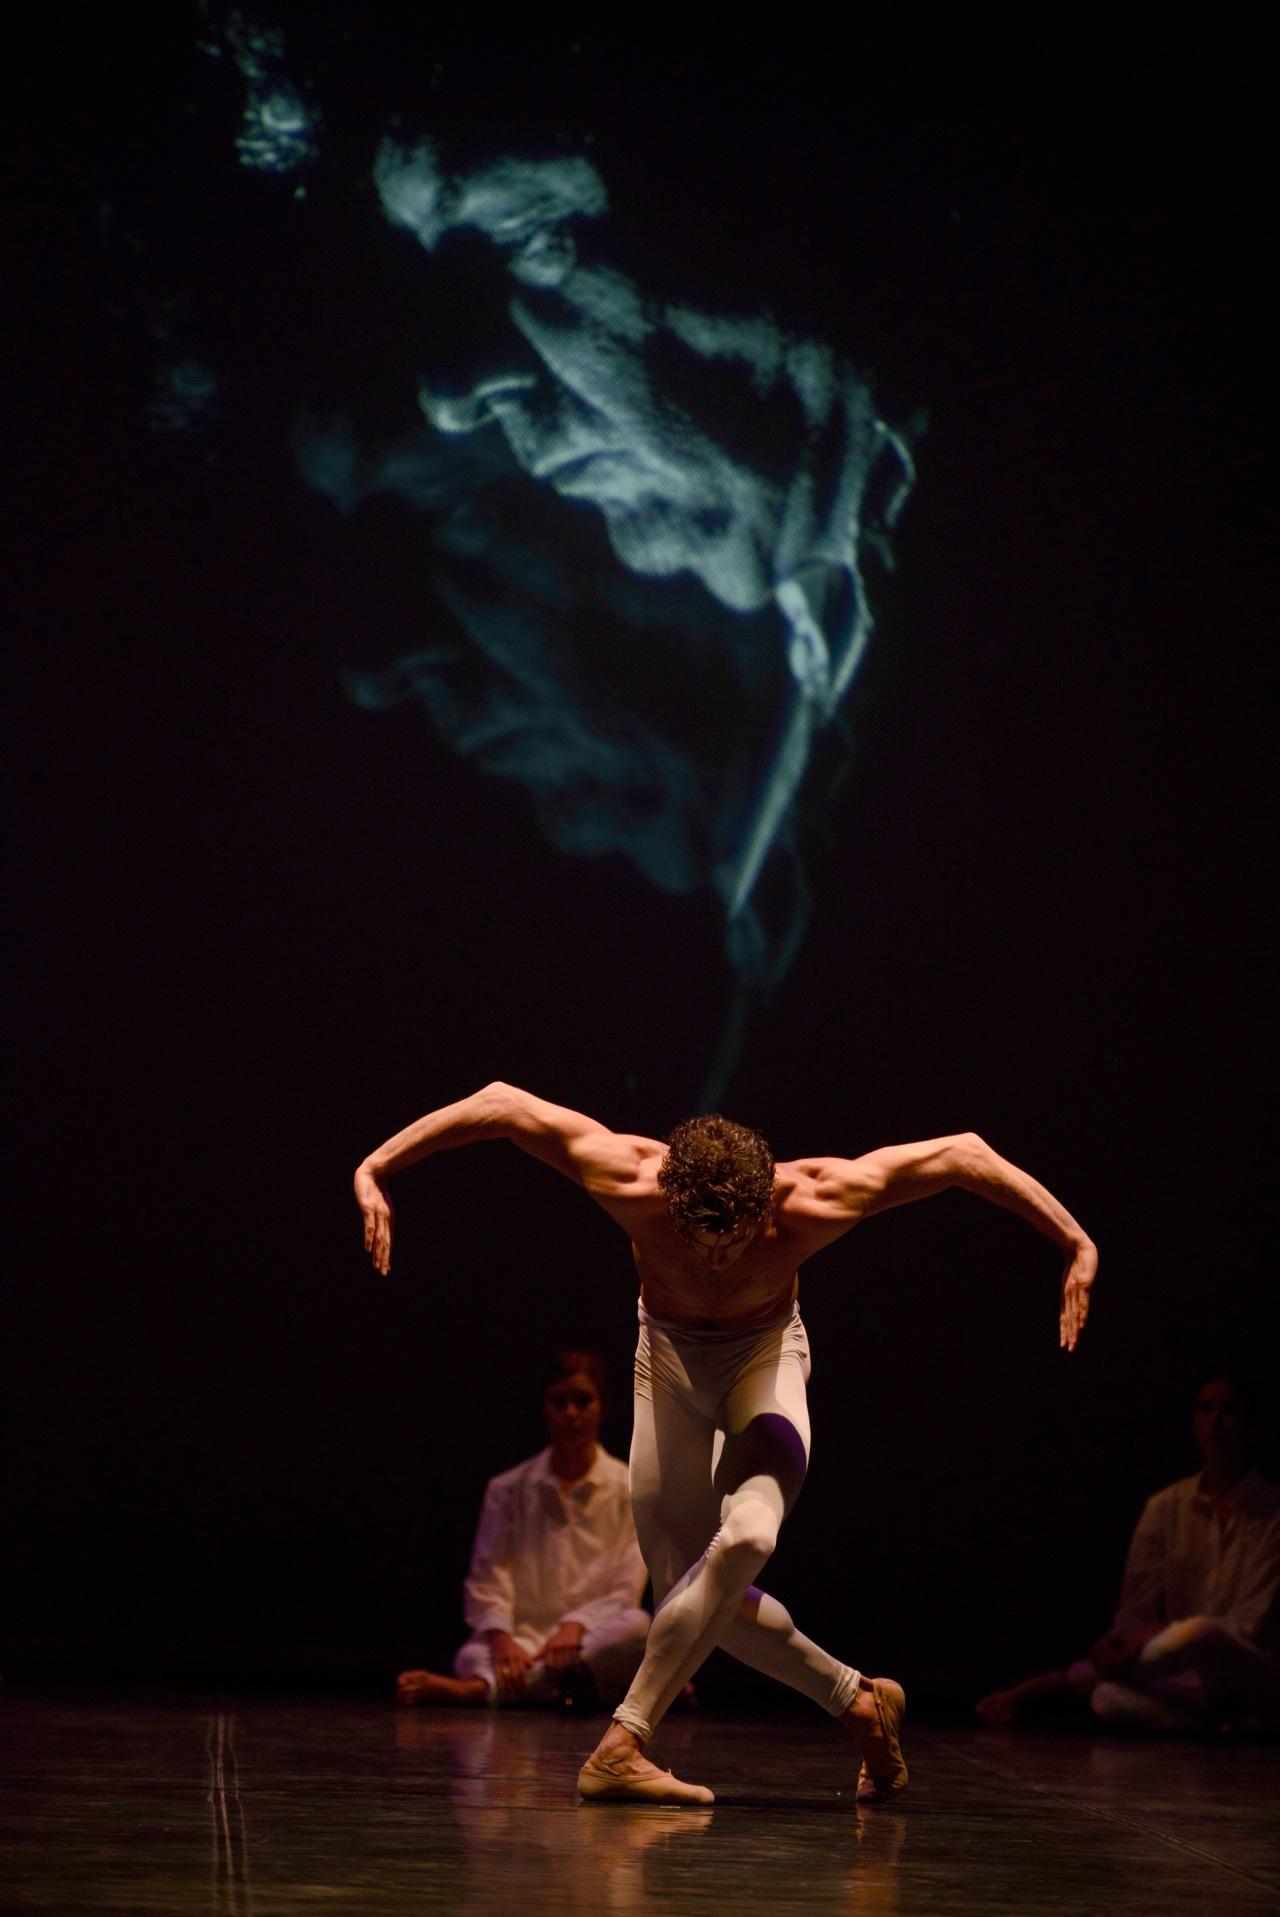 En EL SUR, música y baile, Morente y Ullate, tanto monta monta tanto. Post para el día de Santa Cecilia patrona de losmúsicos